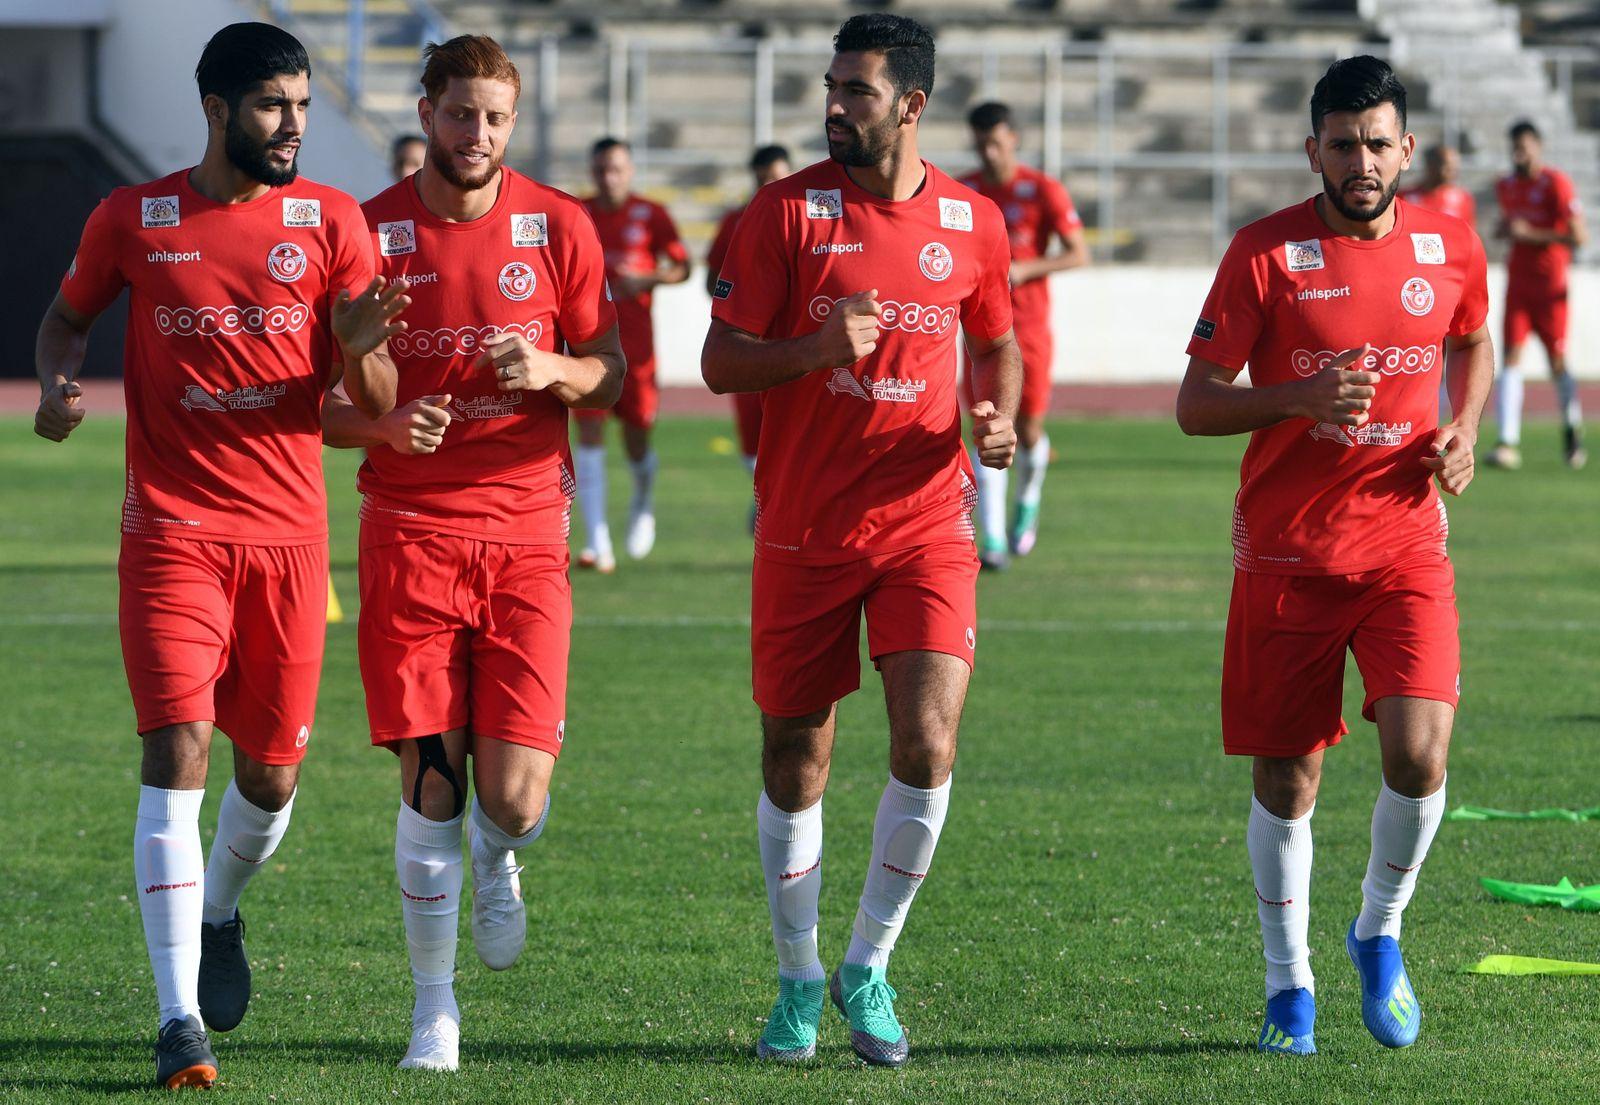 Tunesien / WM / Uhlsport